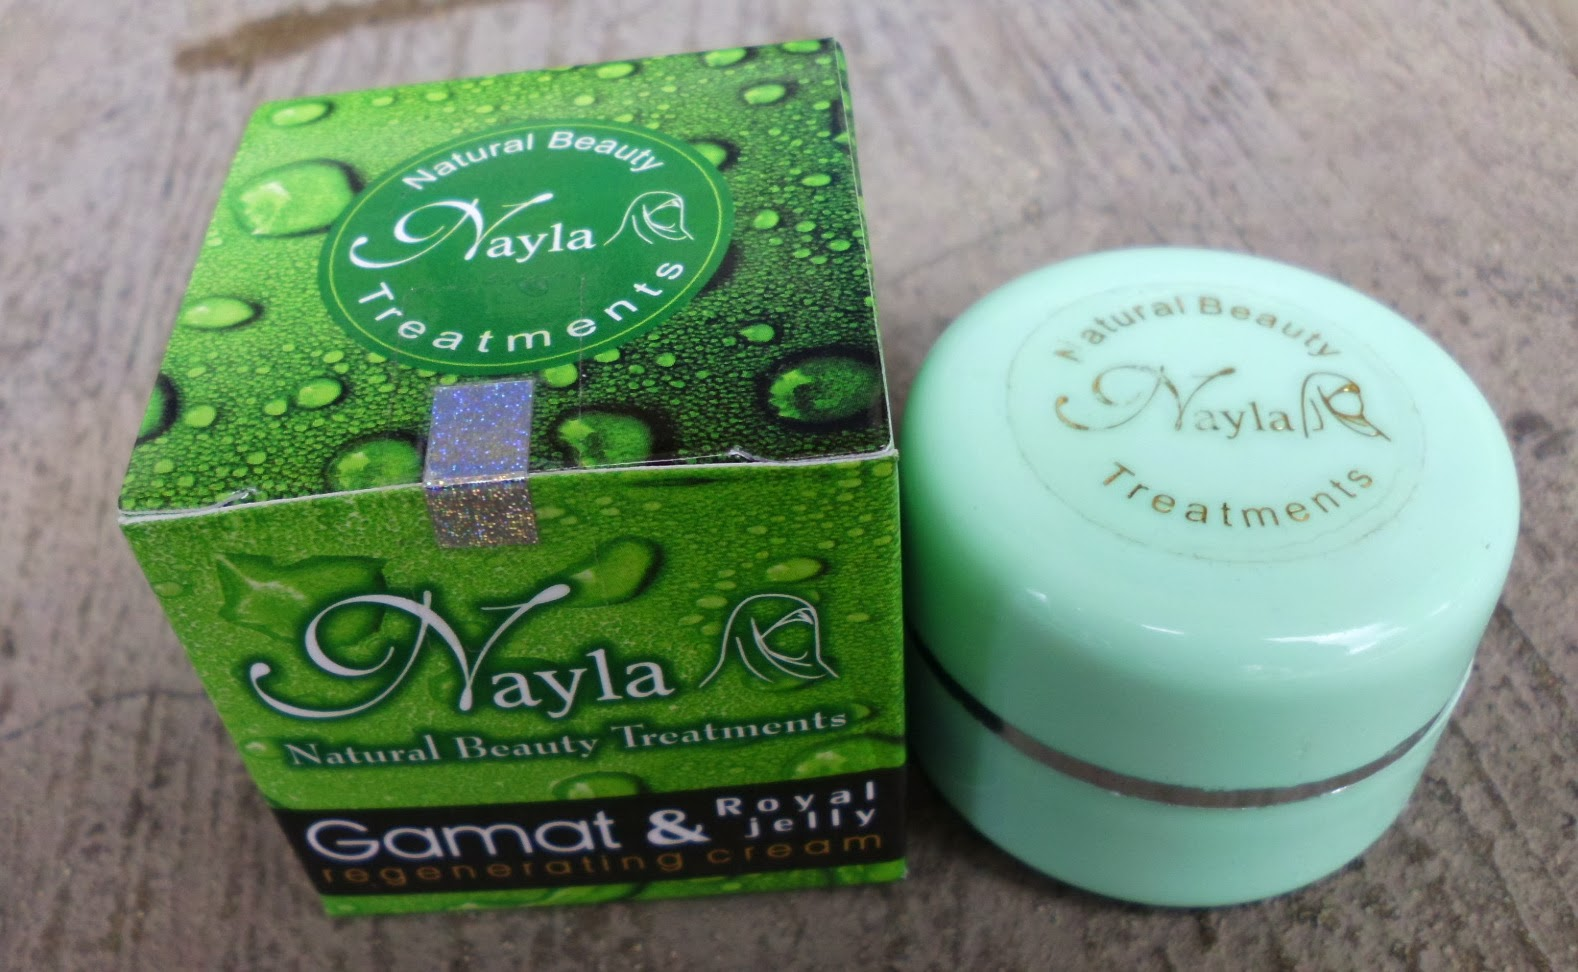 Cream Gamat Nayla